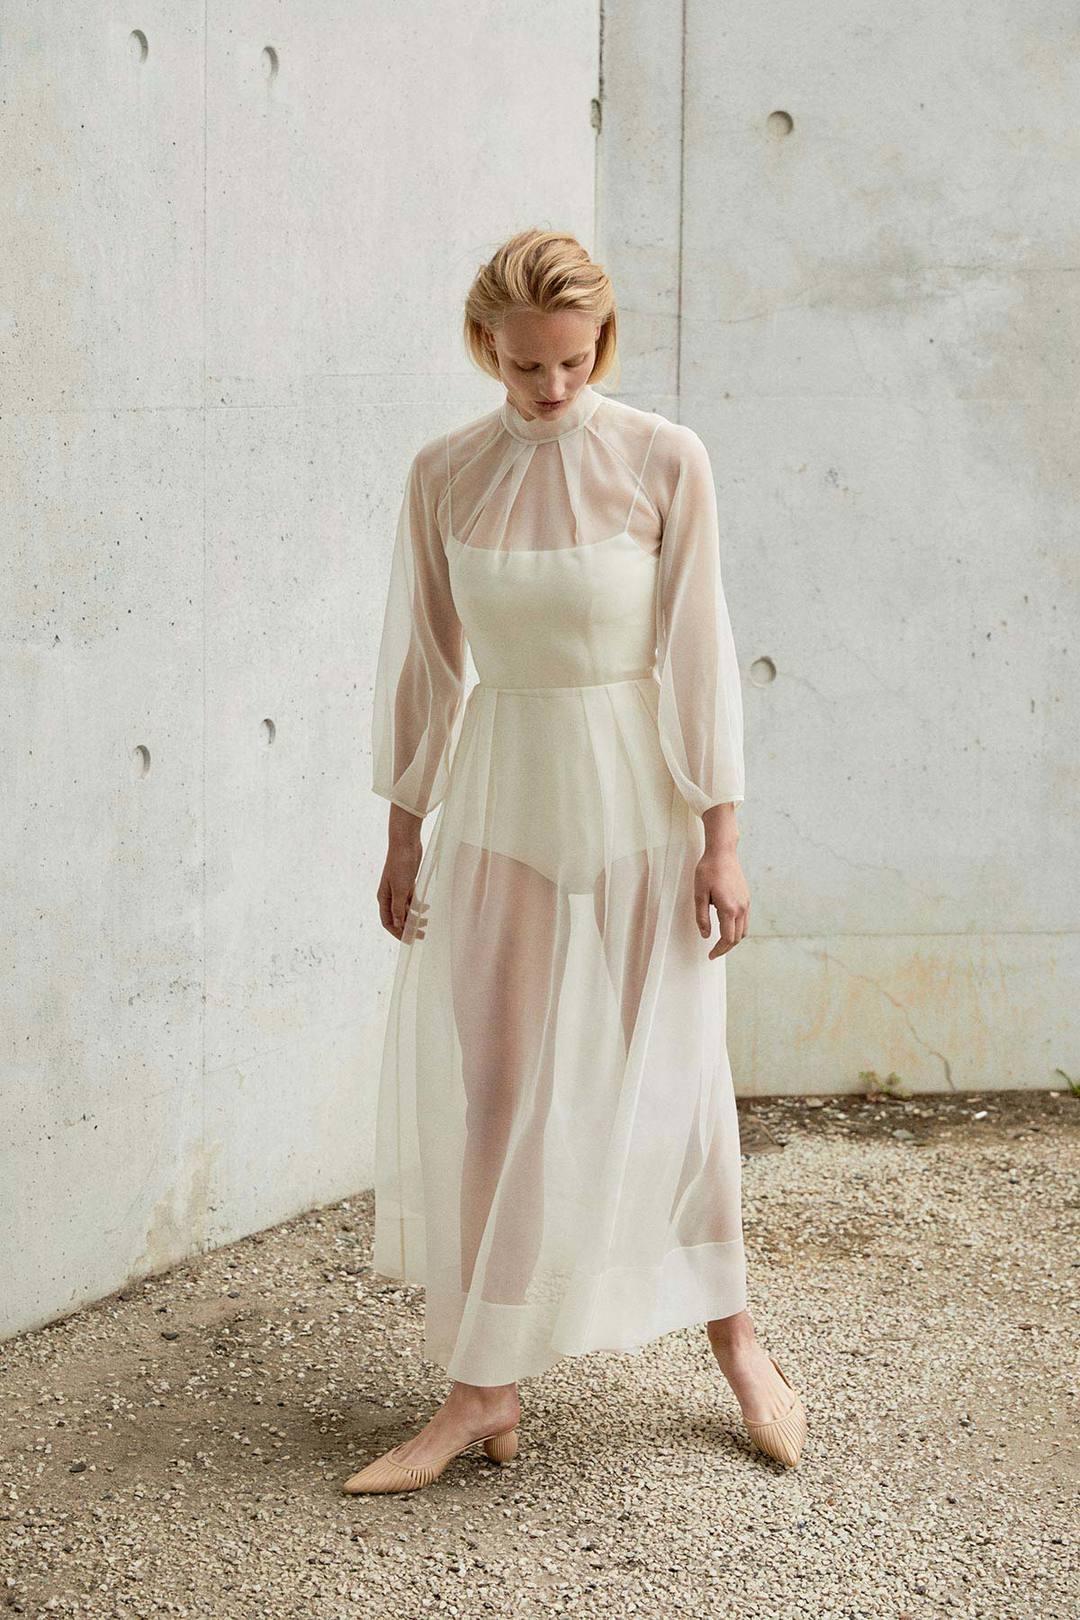 noor dress dress photo